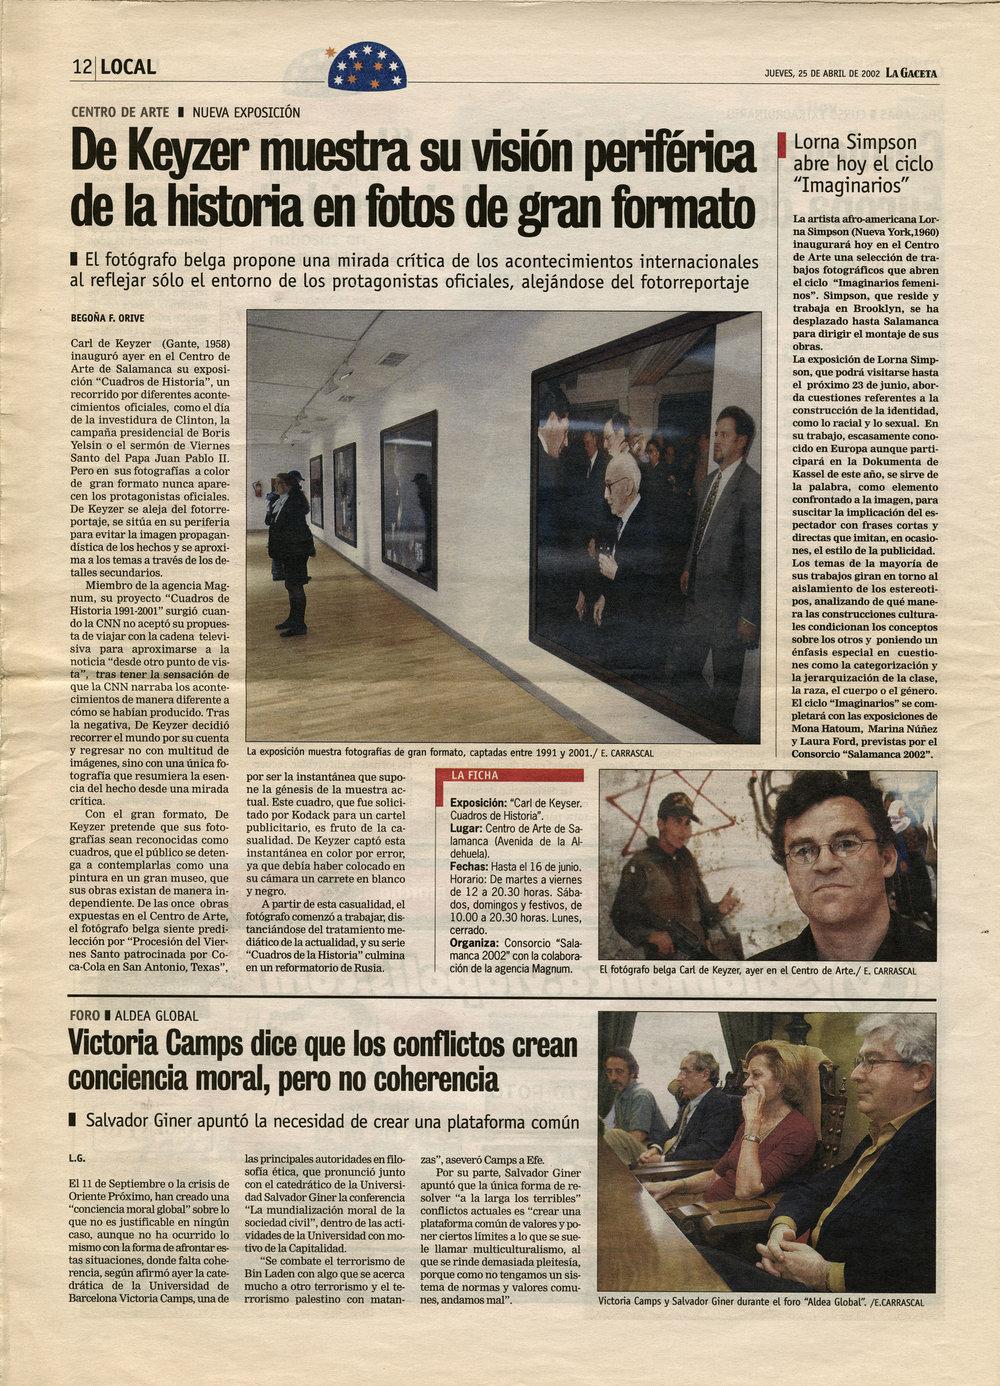 La Gaceta (Tableaux d'Histoire)